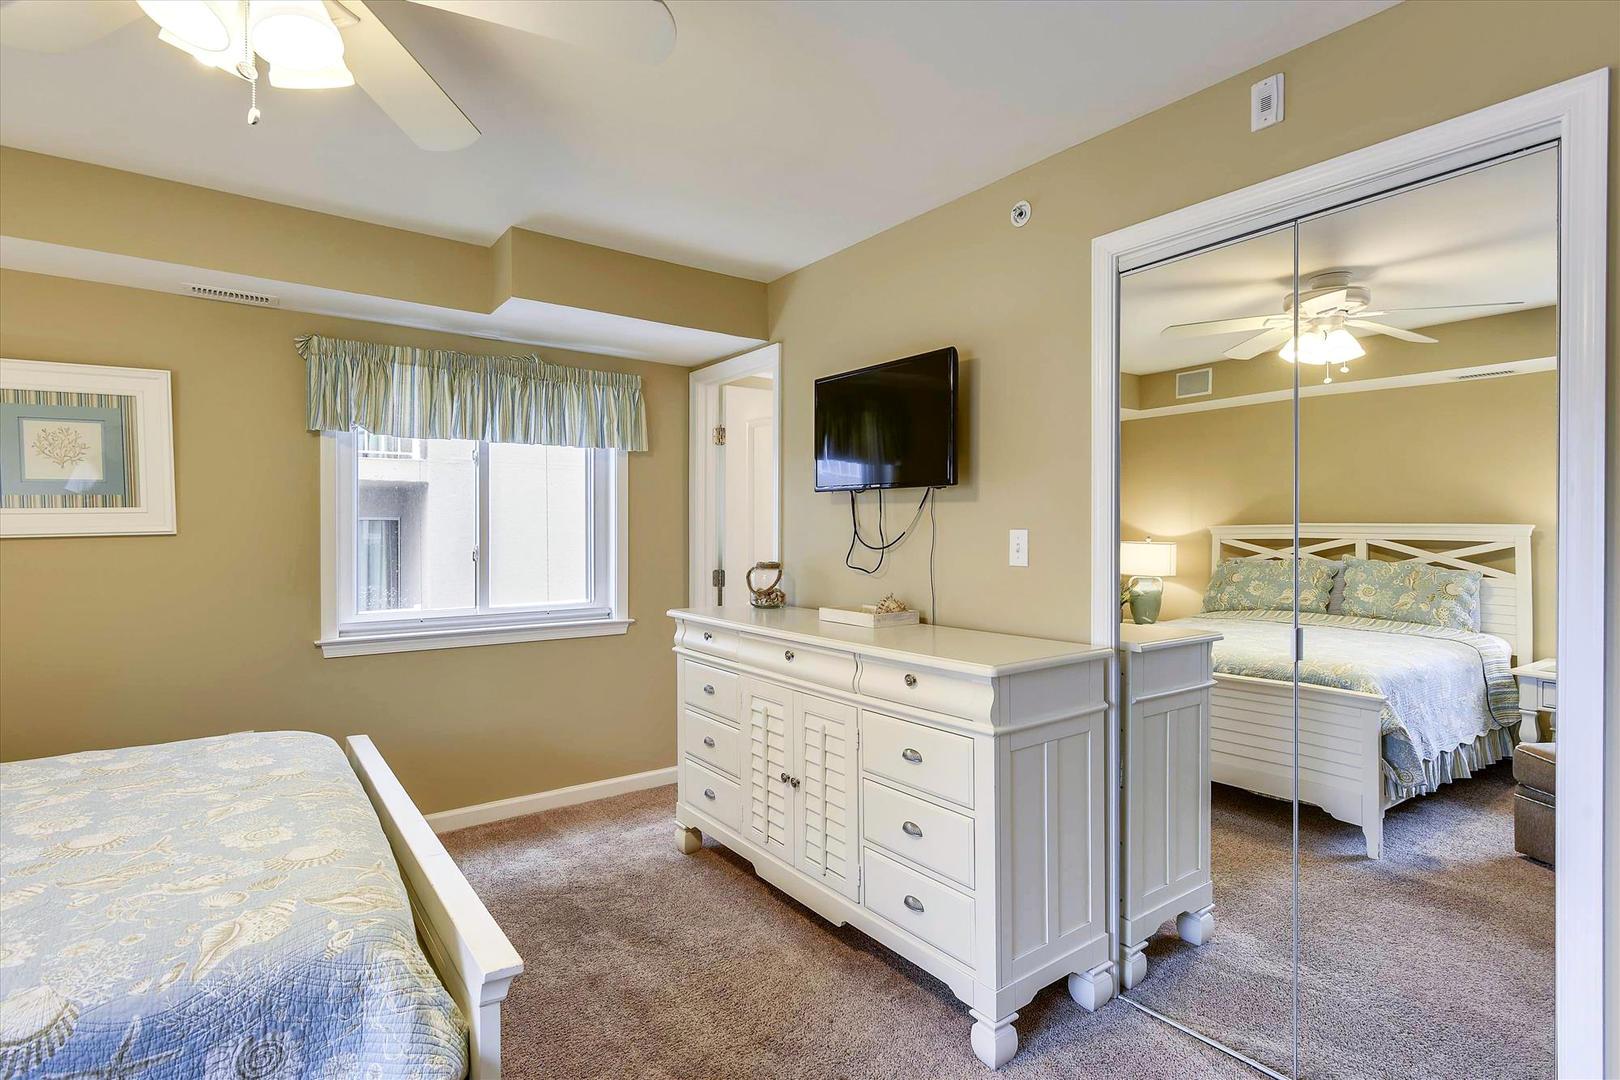 Ocean City Boardwalk Suites N2 - Bedroom 1